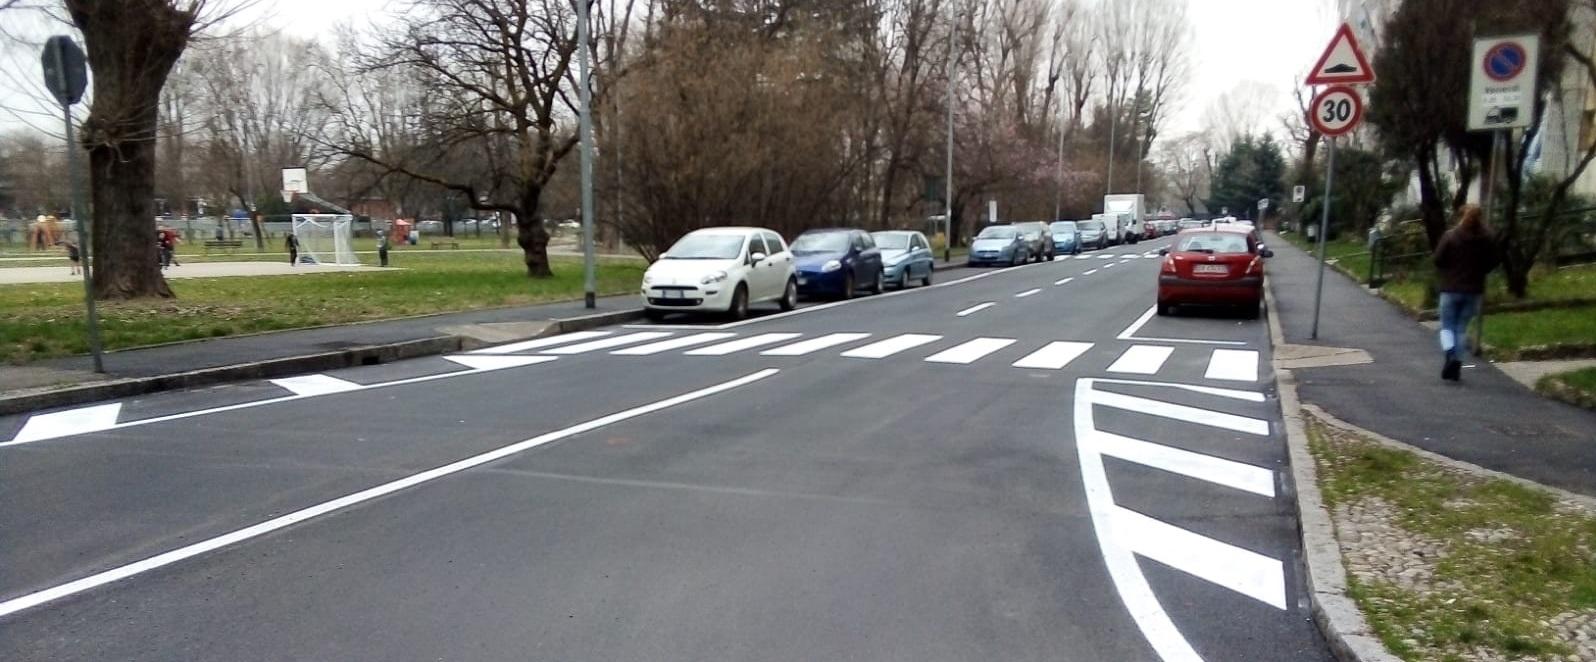 via_gobetti_asfalto.jpg